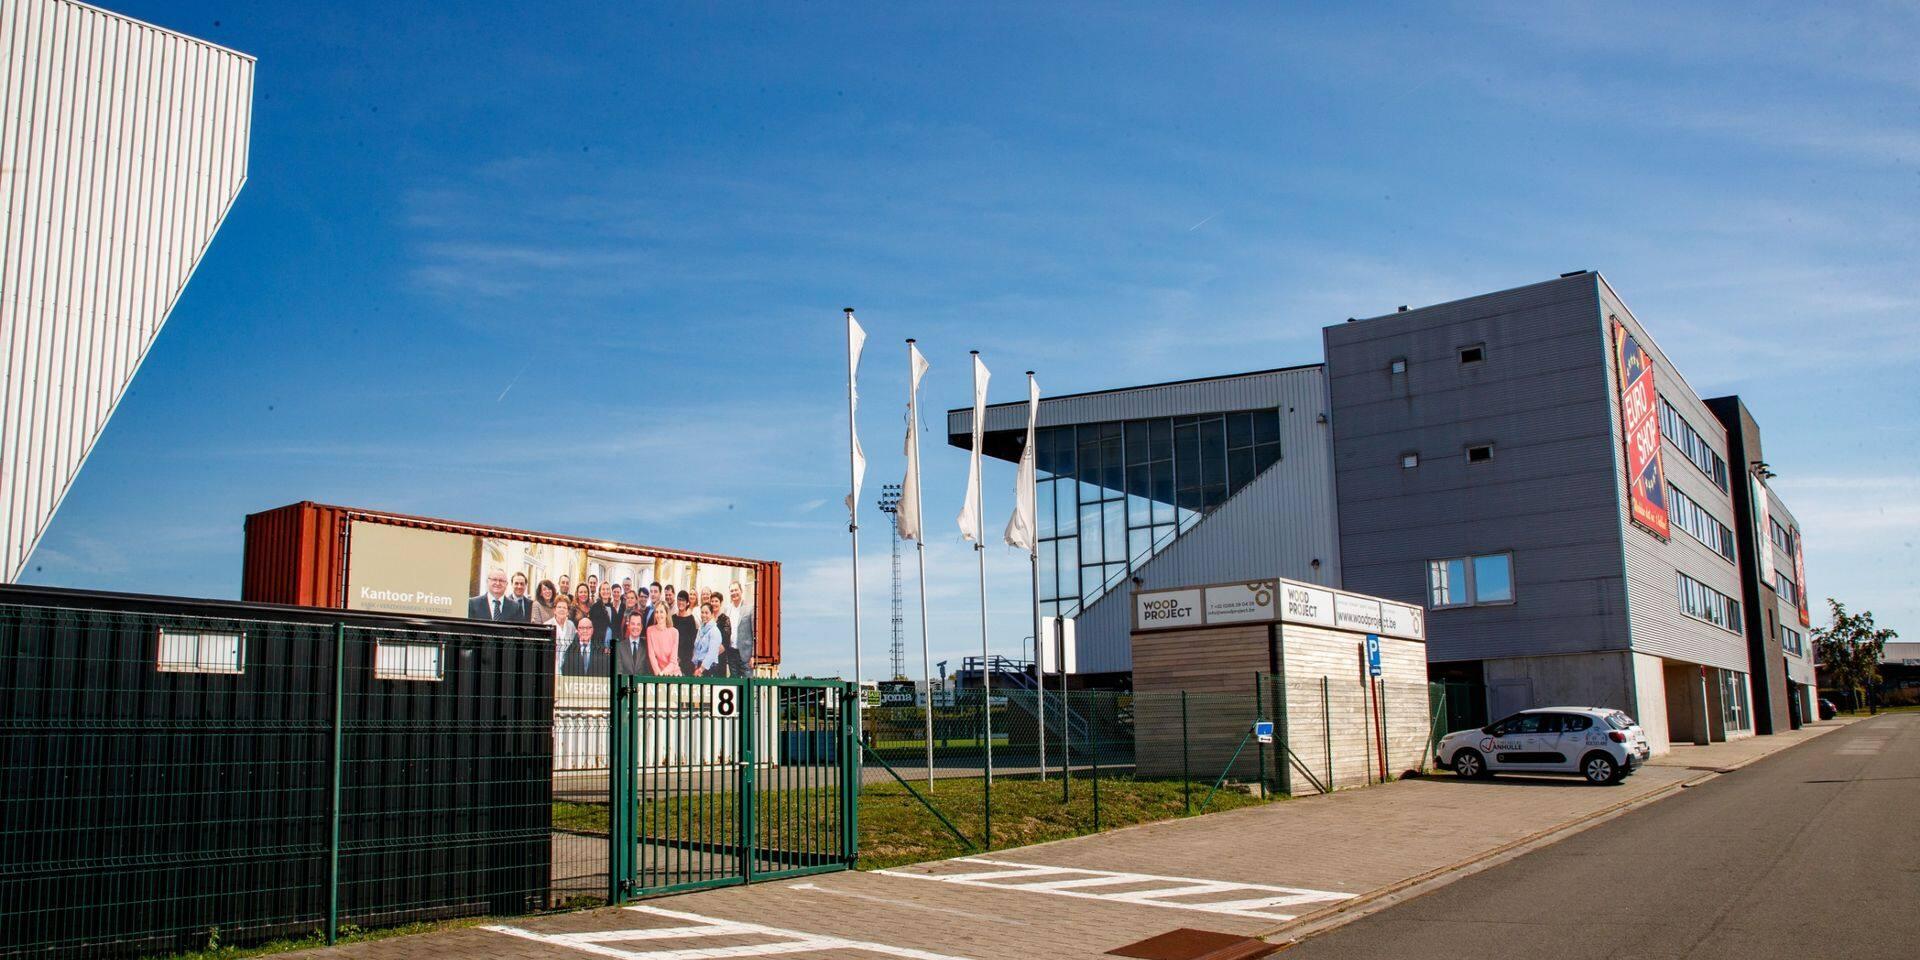 Proximus League : Le tribunal de l'entreprise donne raison à Roulers, qui pourra jouer vendredi